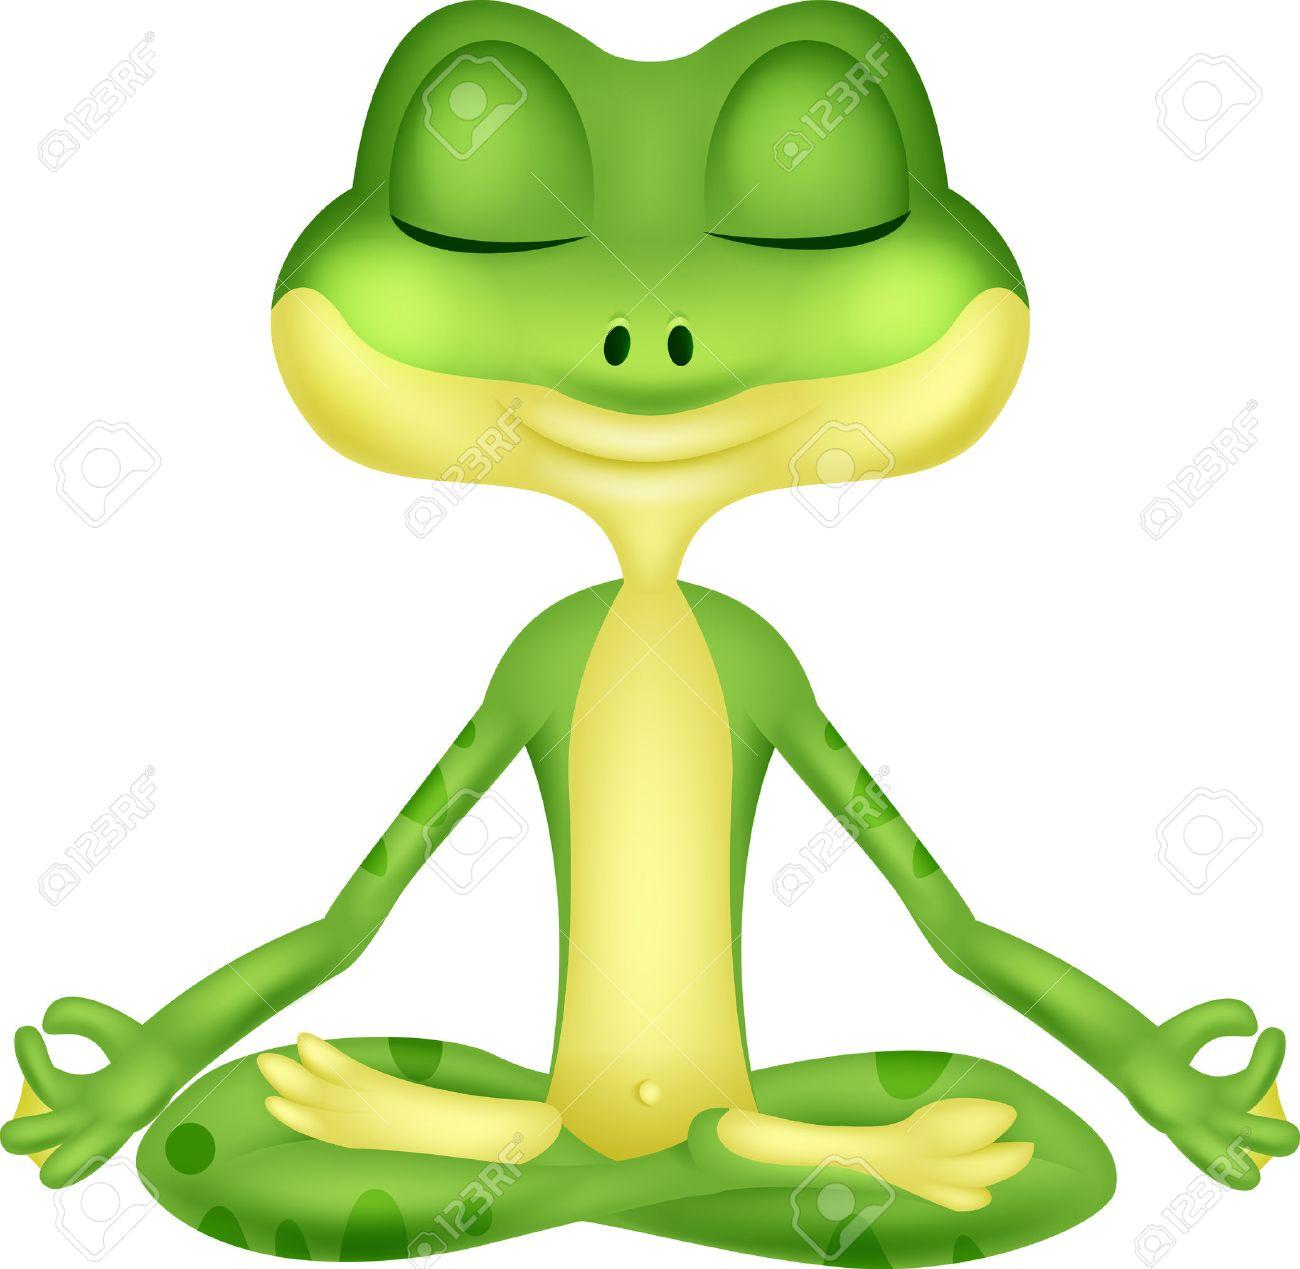 Frog cartoon doing yoga - 27166472